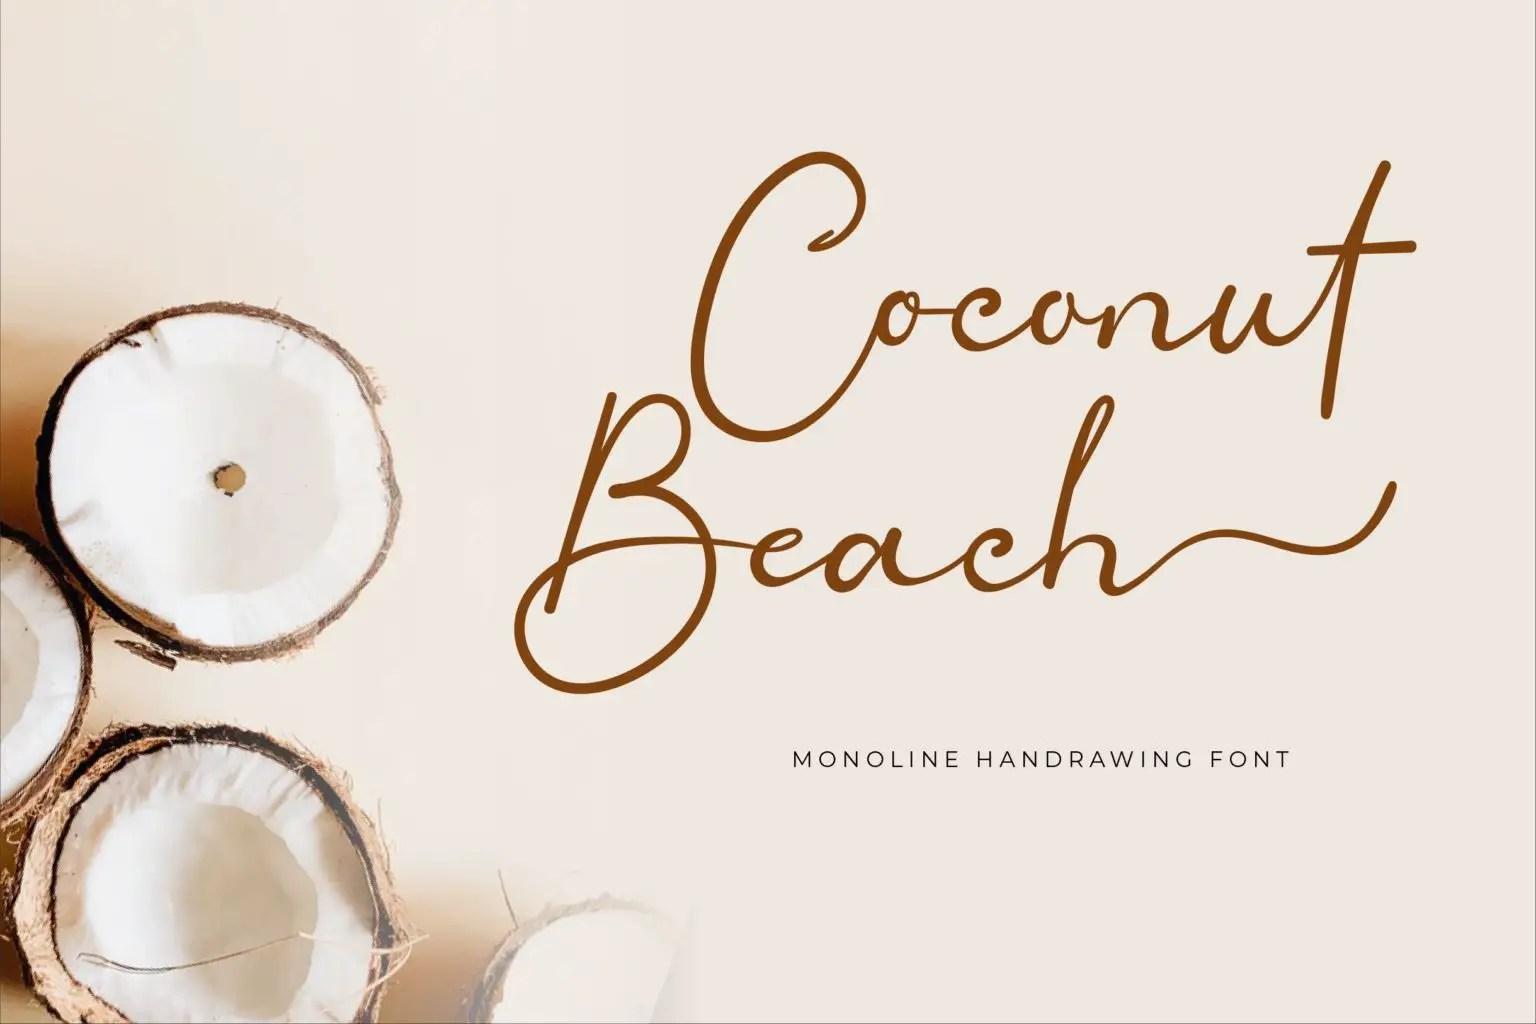 Coconut Beach Handwritten Script Font-1